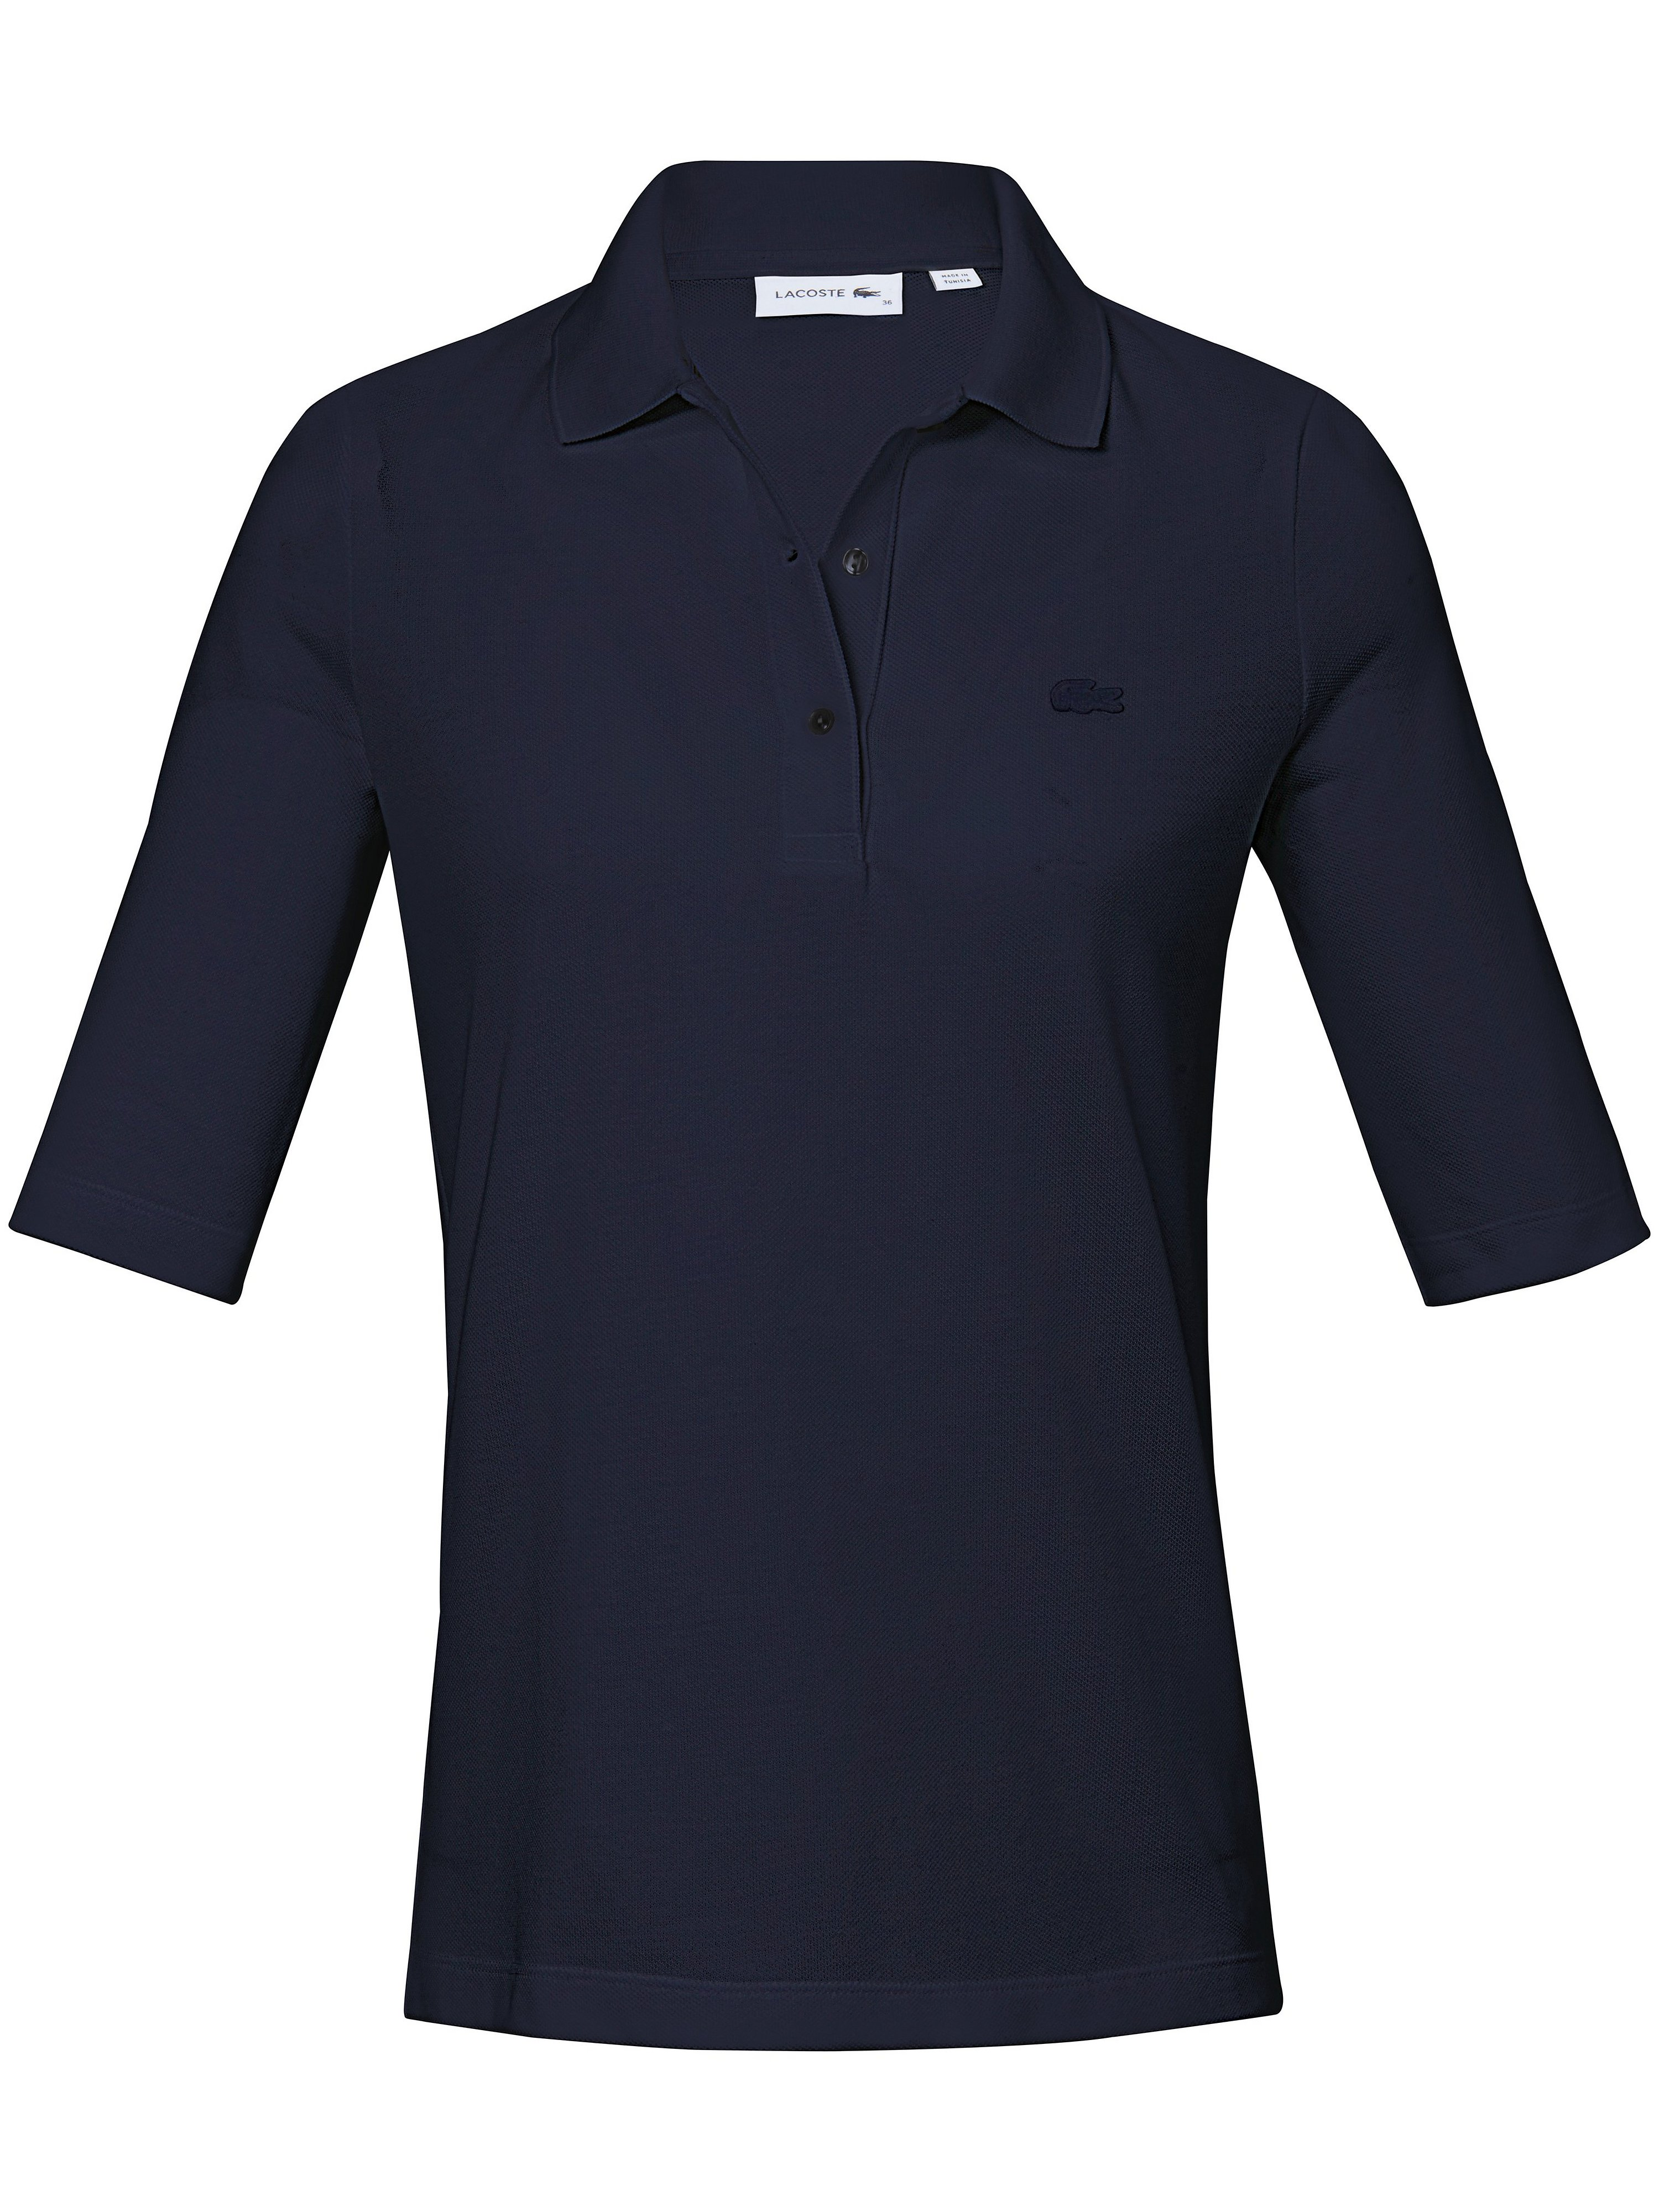 Poloshirt 1/2-lange ærmer 100% bomuld Fra Lacoste blå